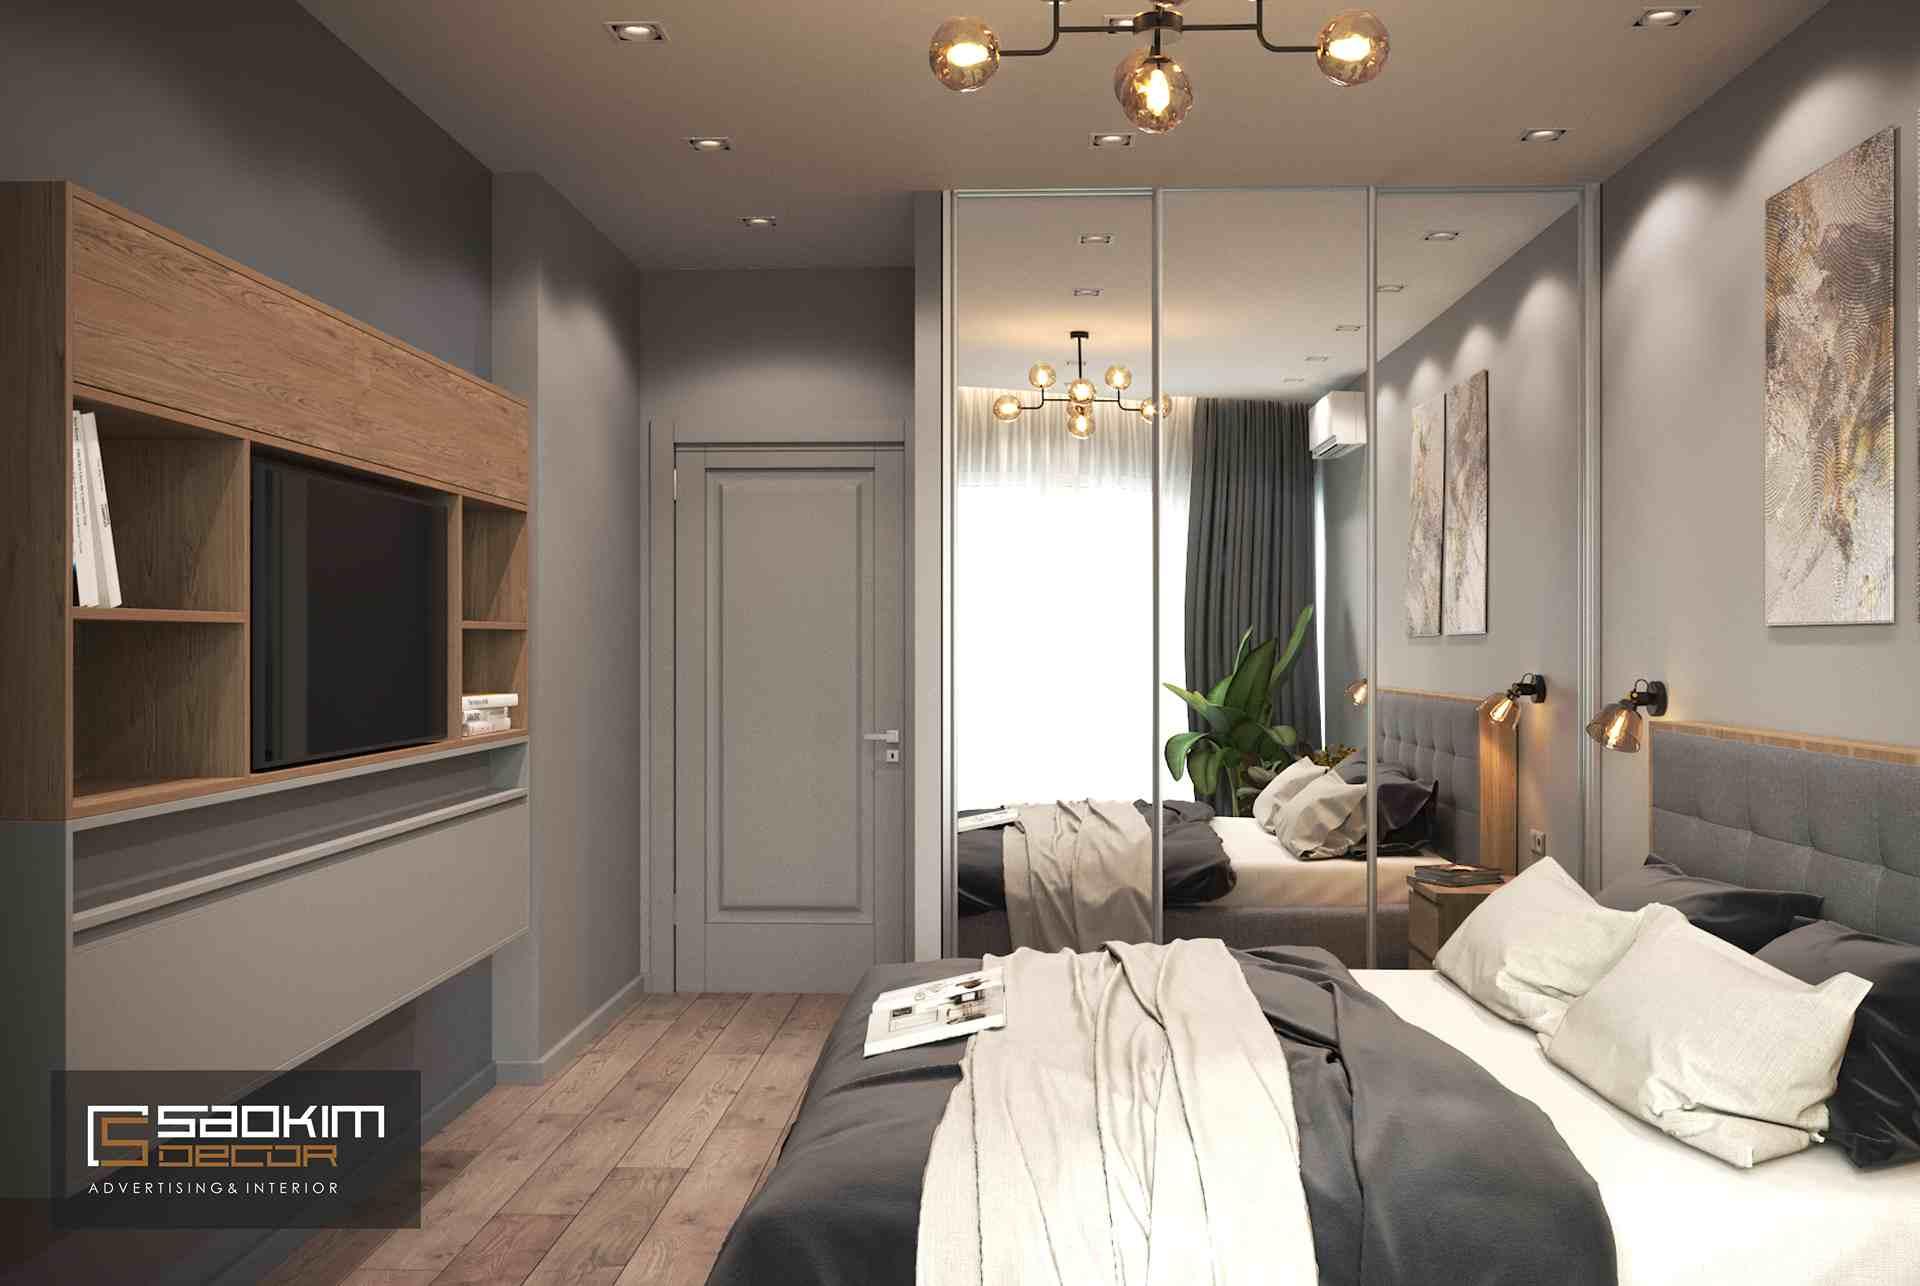 Thiết kế nội thất phòng ngủ master chung cư theo phong cách hiện đại TNR Goldmark City